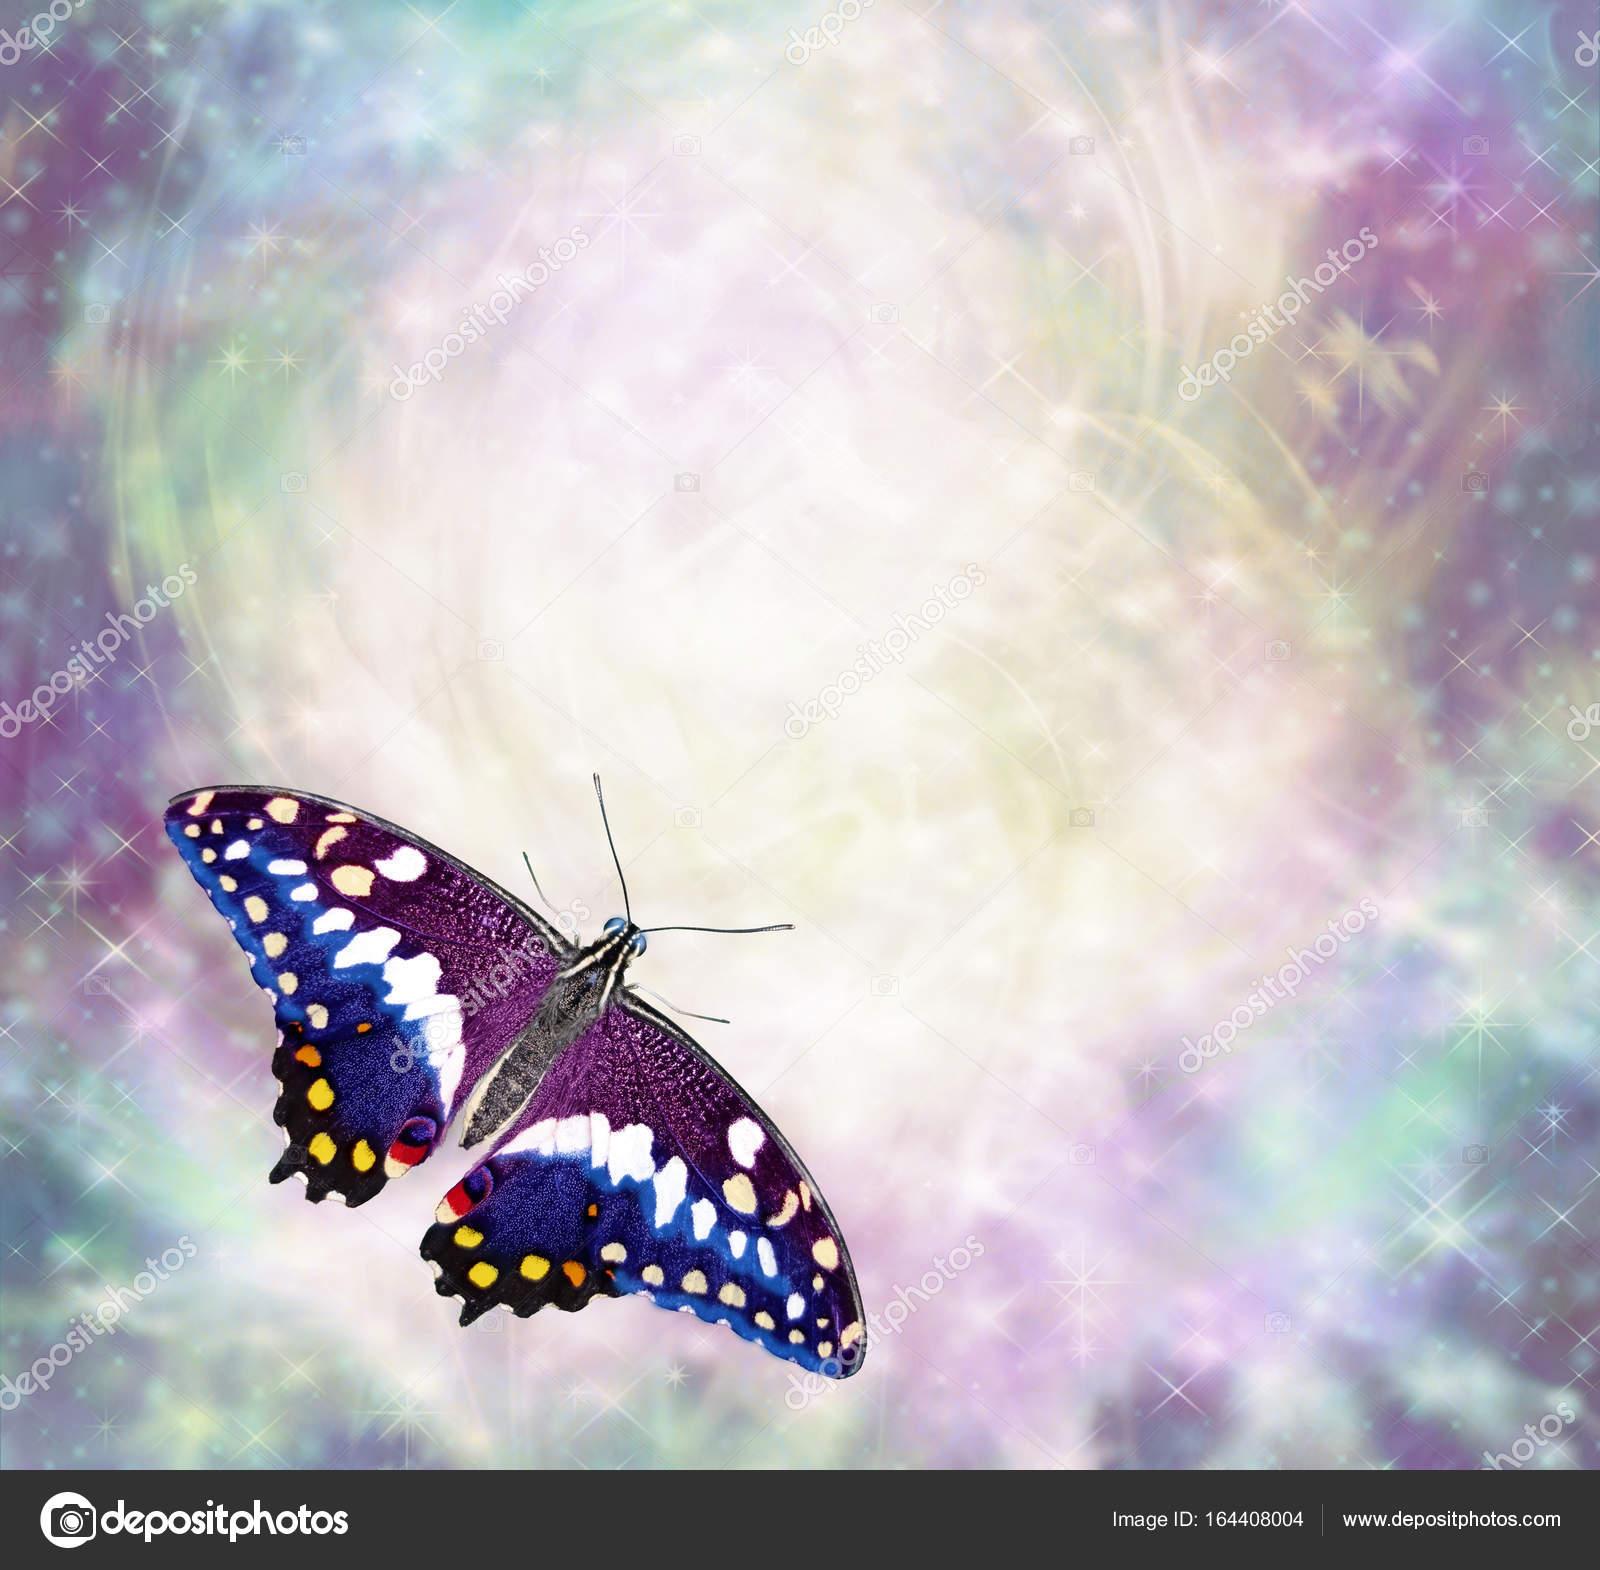 Imágenes Mariposas Con Mensajes Frontera De Los Mensajes De